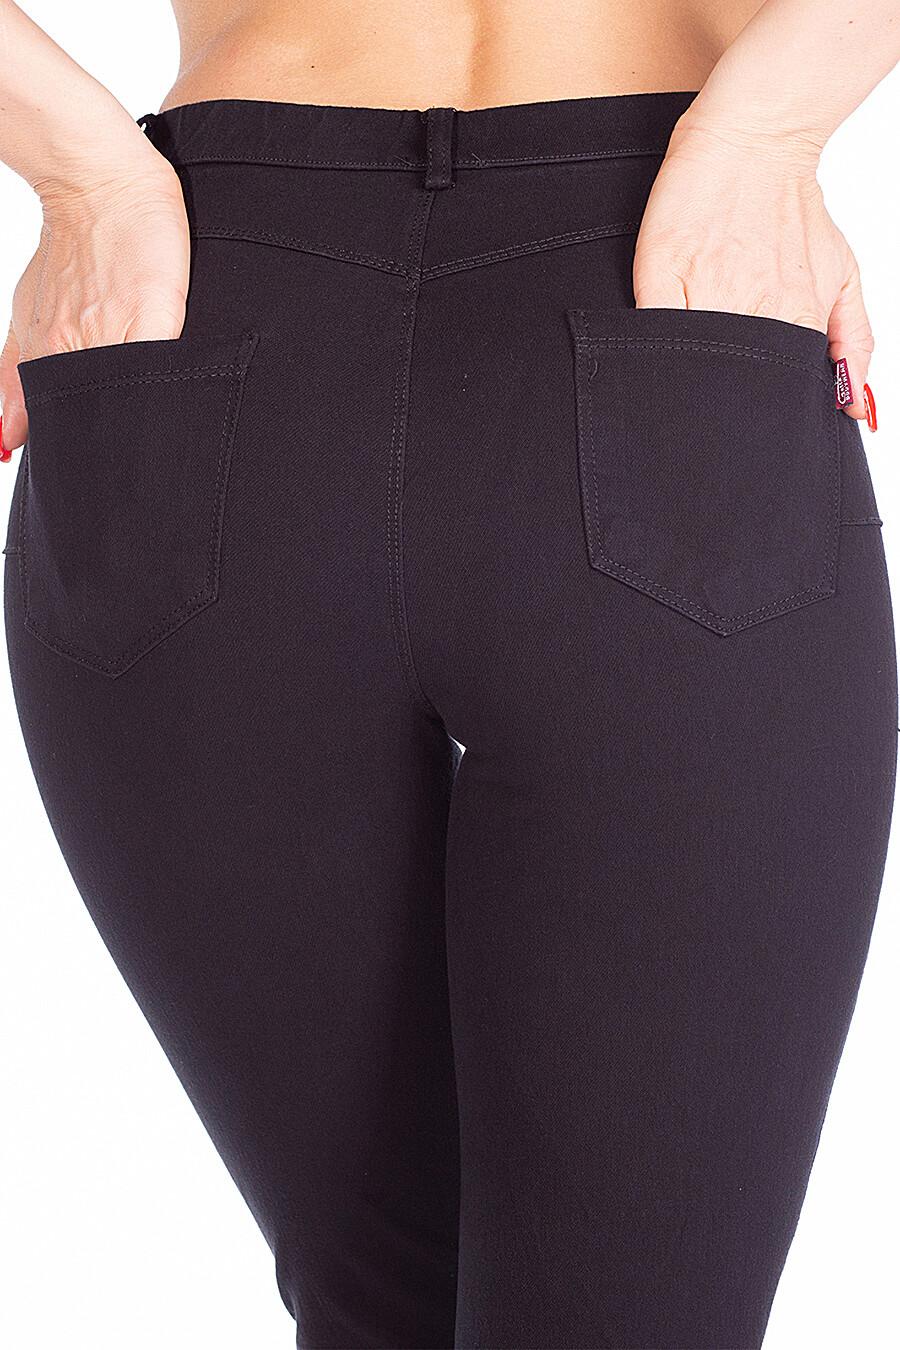 Легинсы для женщин GATTA 162736 купить оптом от производителя. Совместная покупка женской одежды в OptMoyo